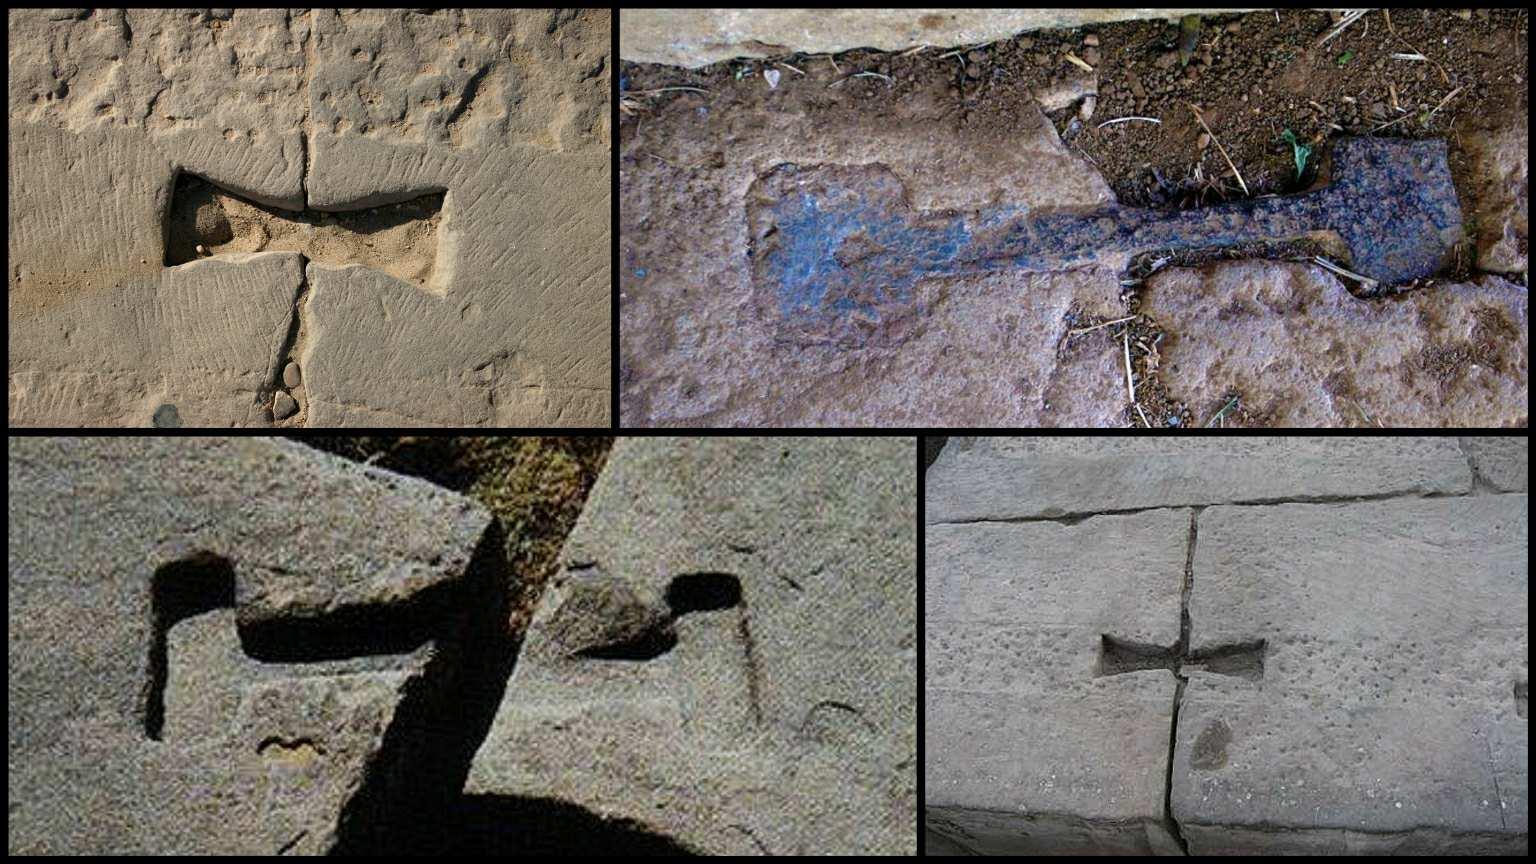 Rund um den Globus finden sich in massiven alten Megalithstrukturen T-förmige oder sanduhrförmige Schlusssteinausschnitte. Metalllegierungen wurden in die Schlusssteine gegossen, um die Wände zu verstärken, wobei Fähigkeiten eingesetzt wurden, die weltweit als Wissen geteilt zu werden schienen.